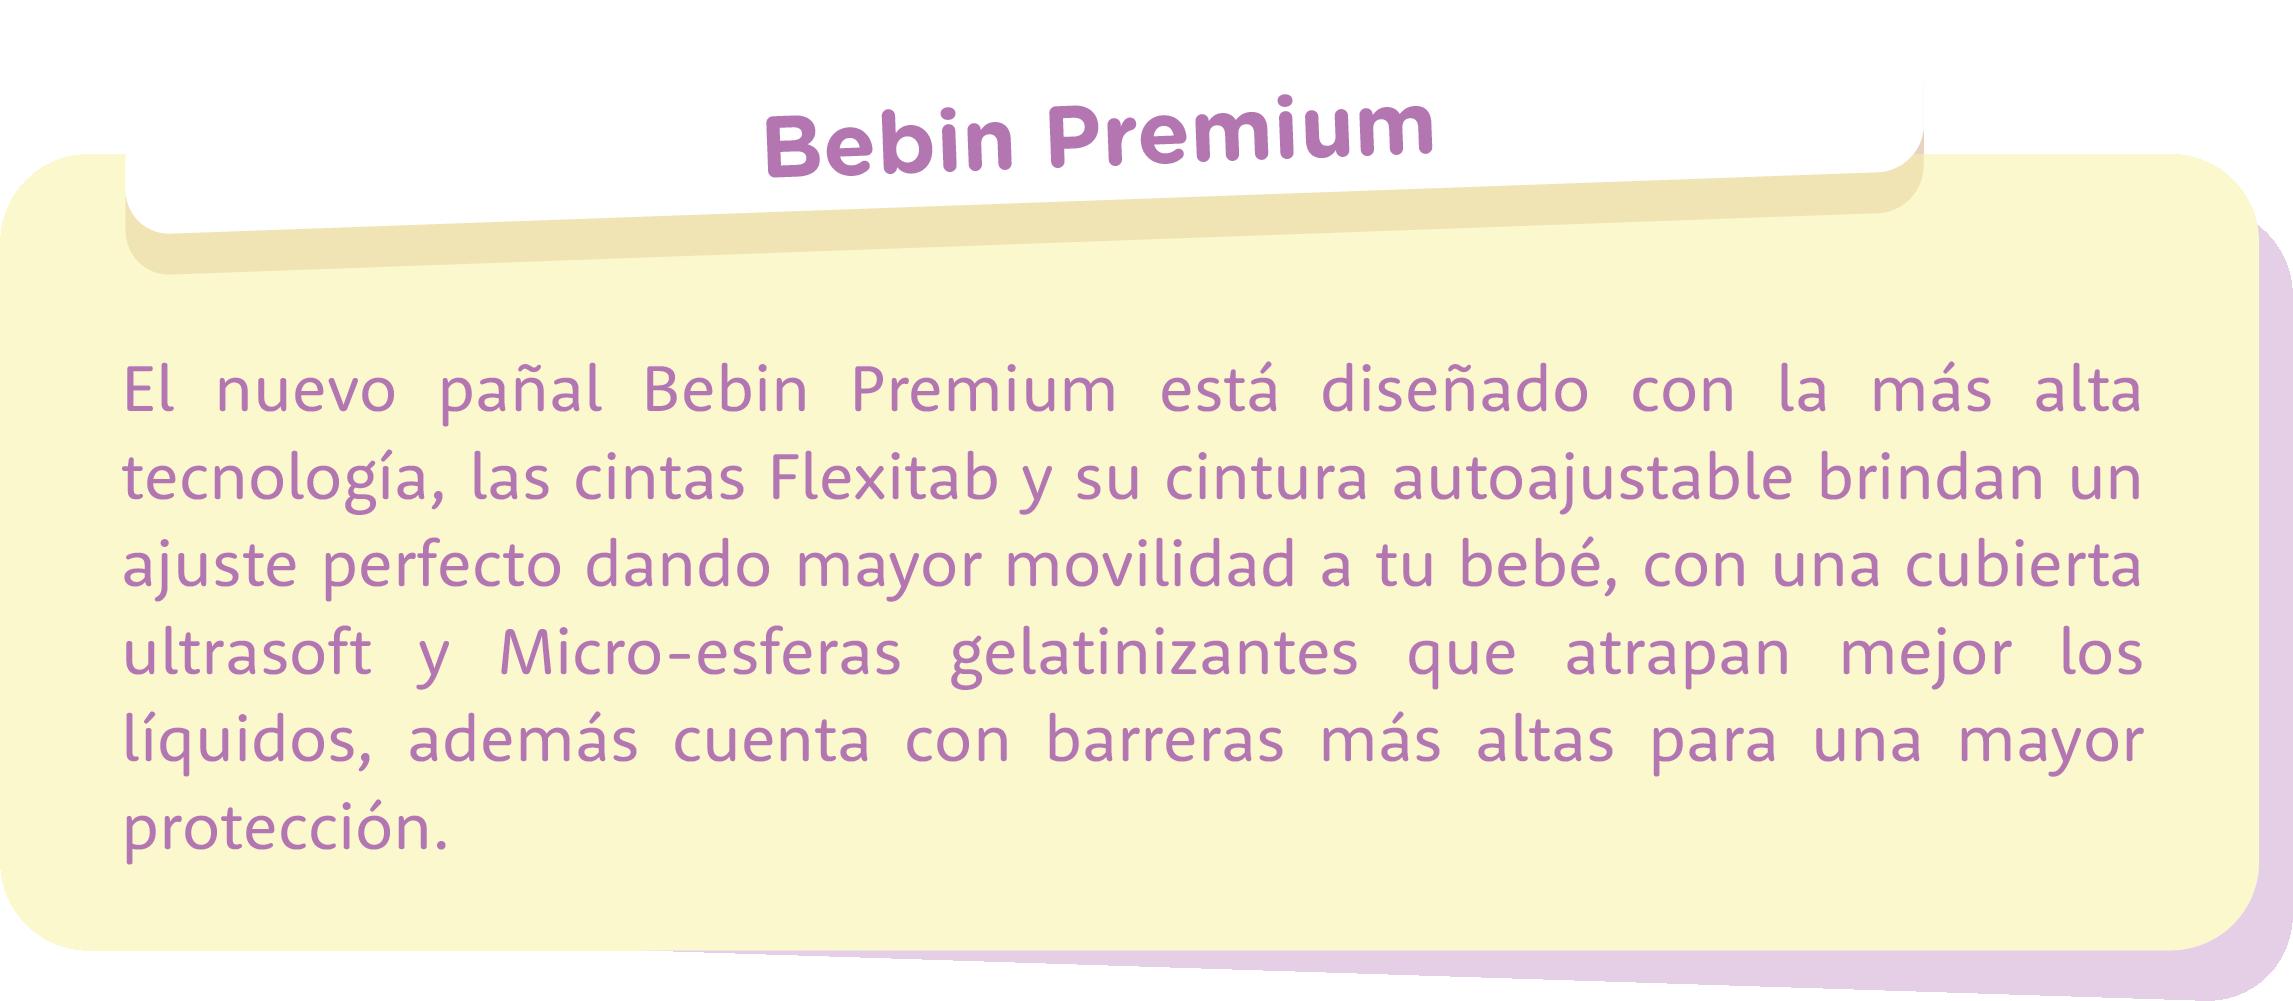 bebin-prmium